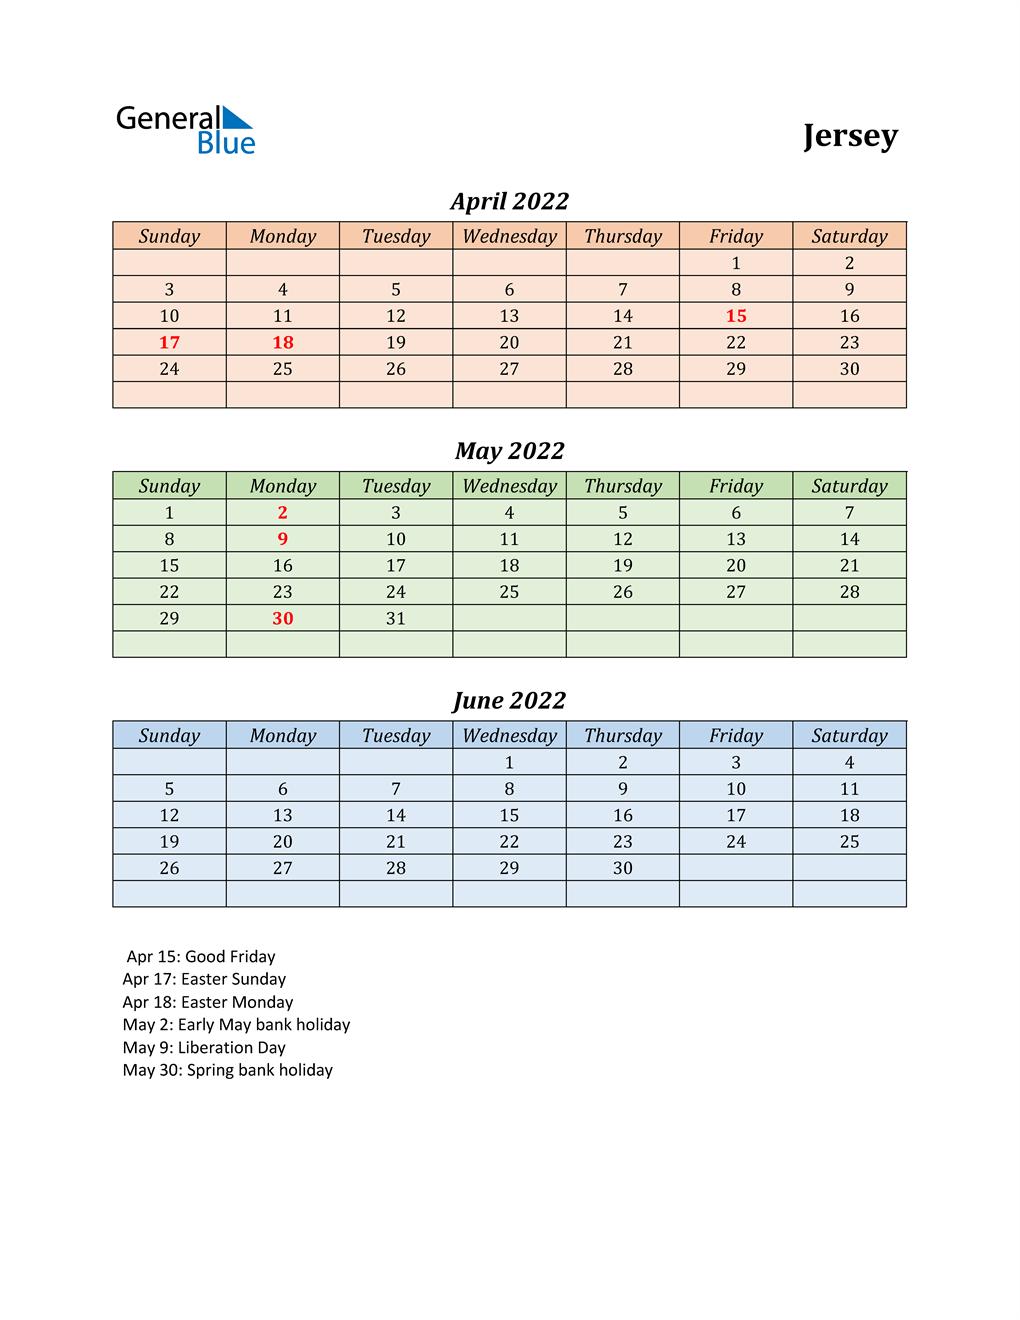 Q2 2022 Holiday Calendar - Jersey